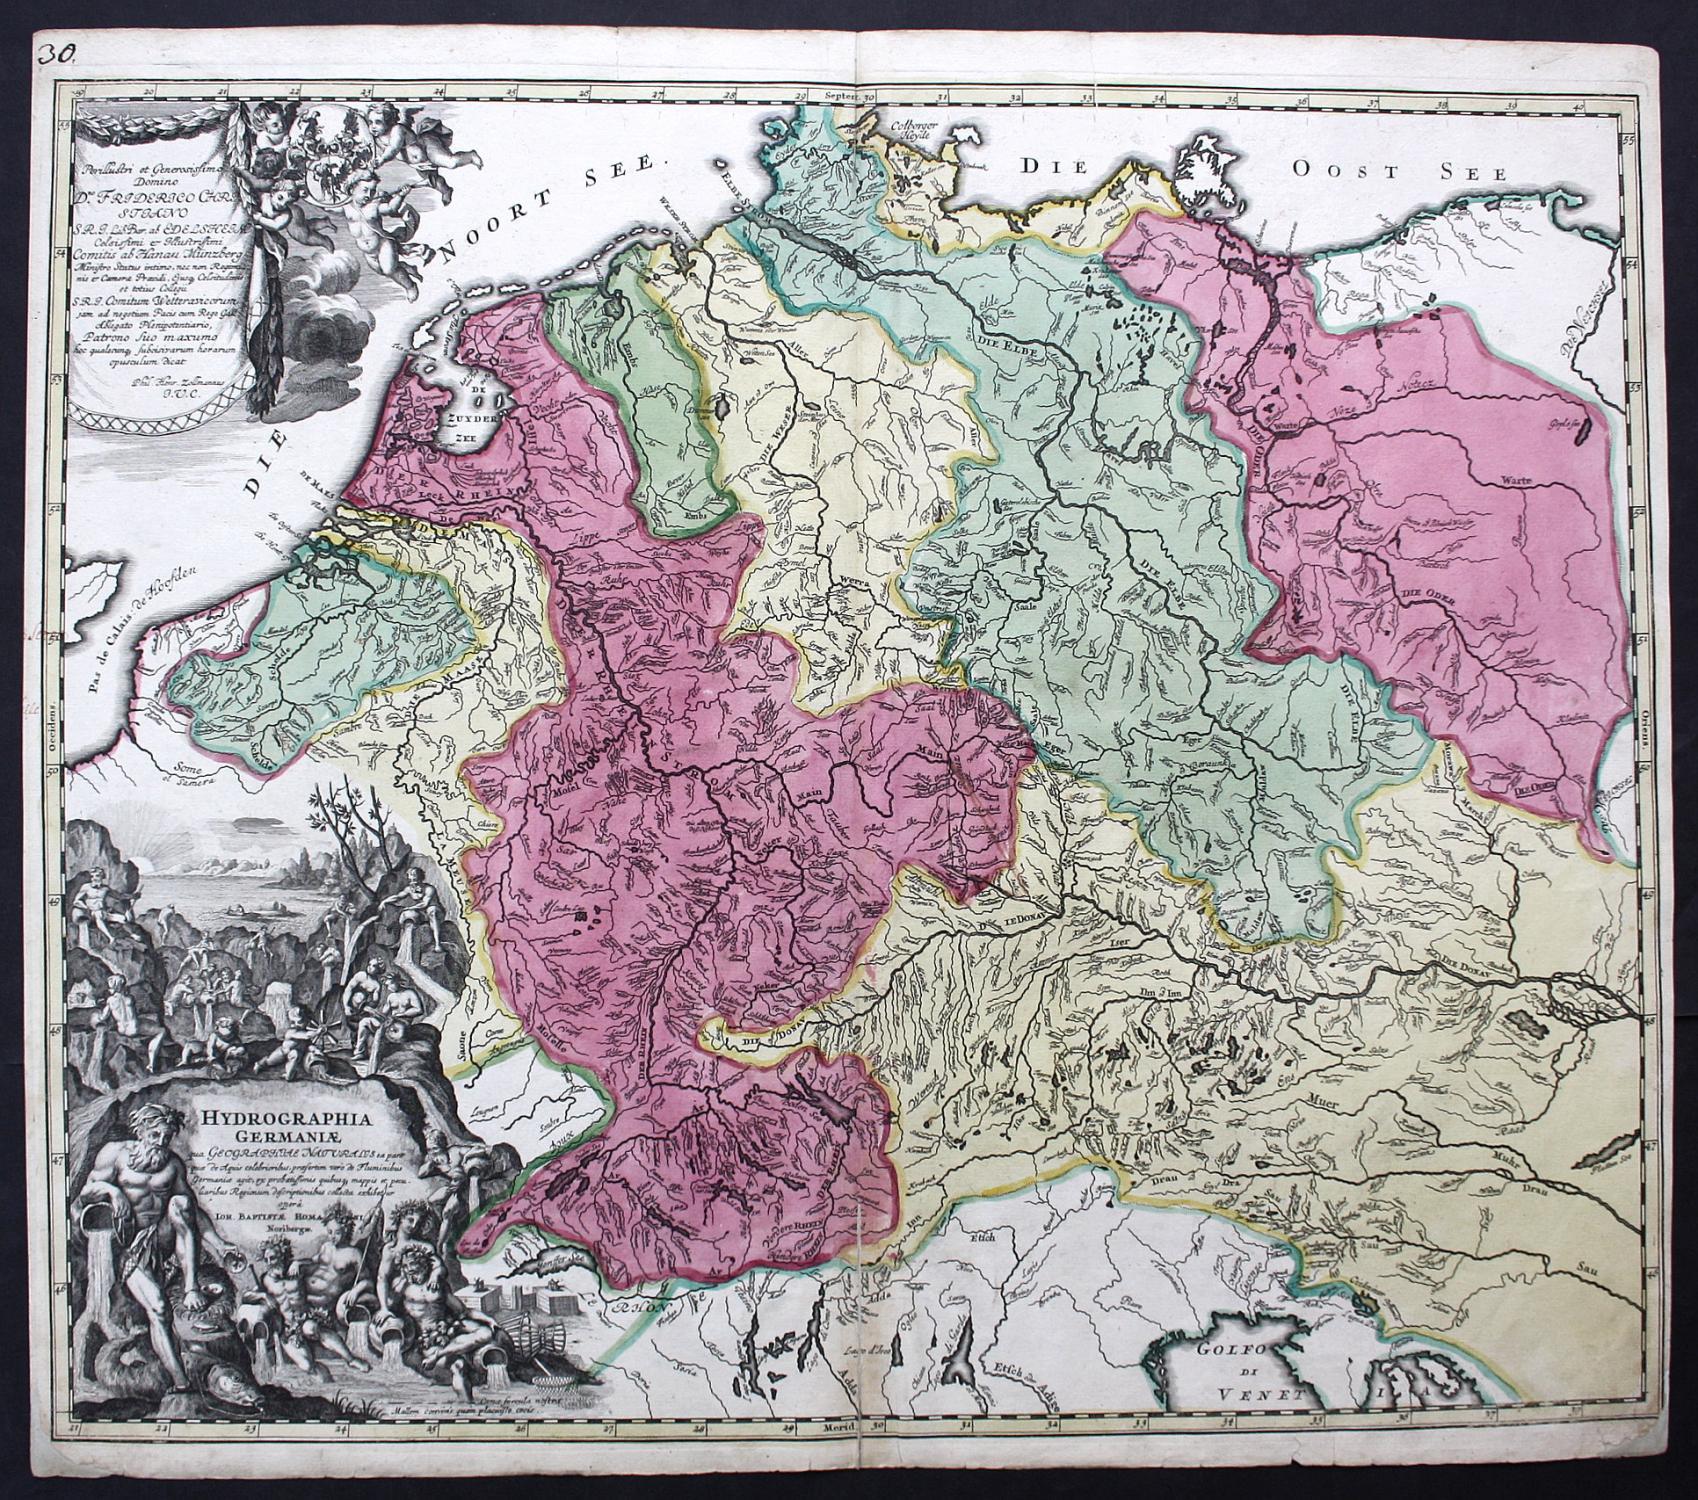 Nürnberg Karte Deutschland.Hydrographia Germaniae Deutschland Flüsse Karte Map Kupferstich